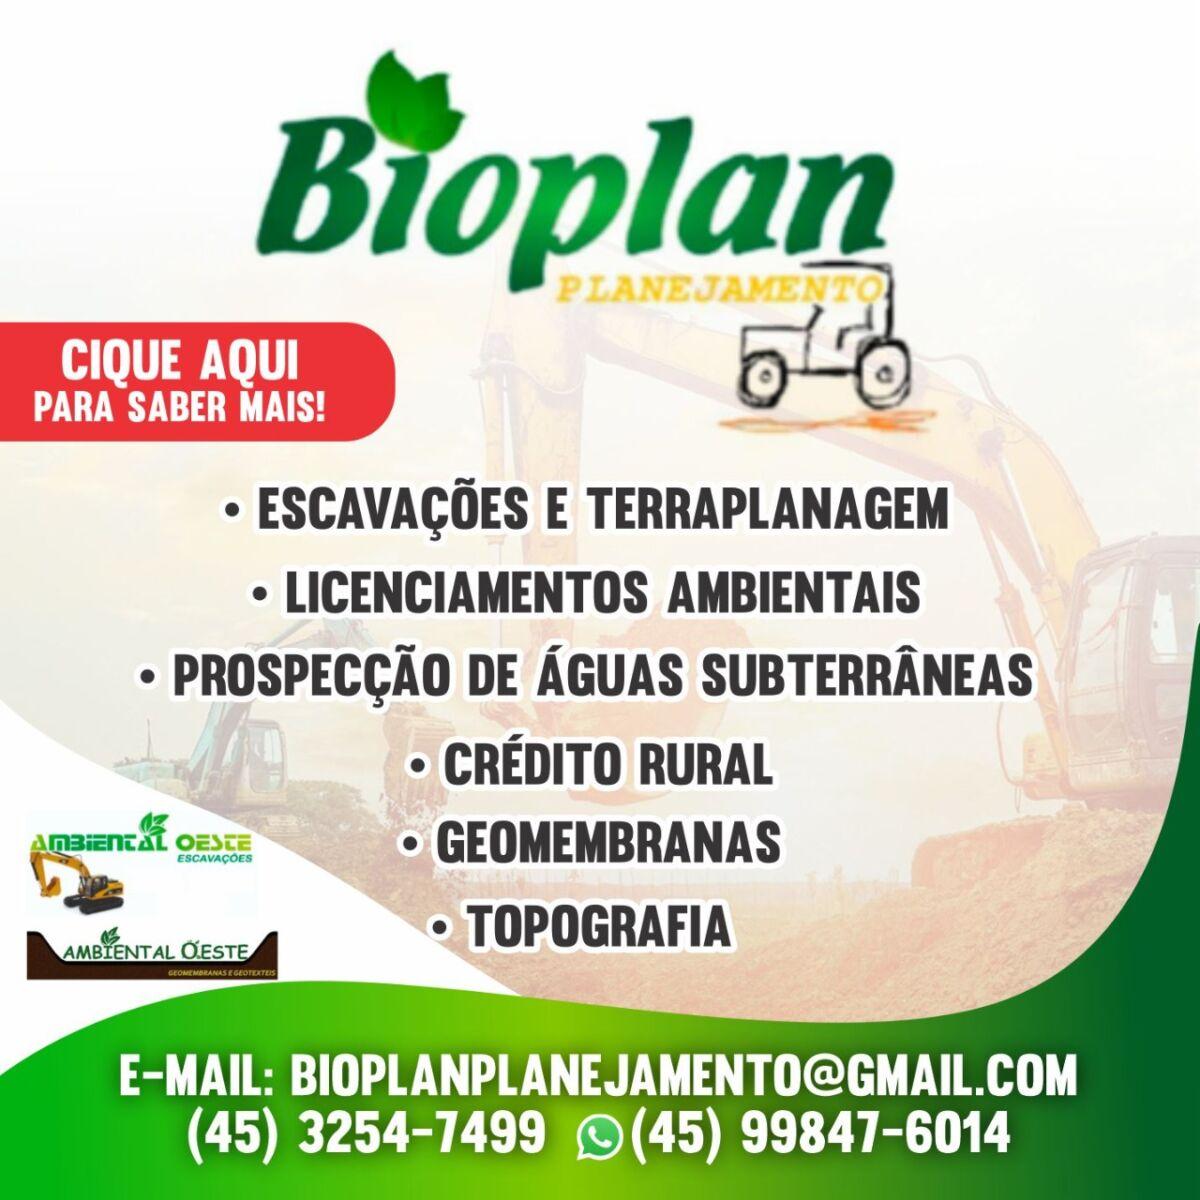 Ambioeste / Bioplan